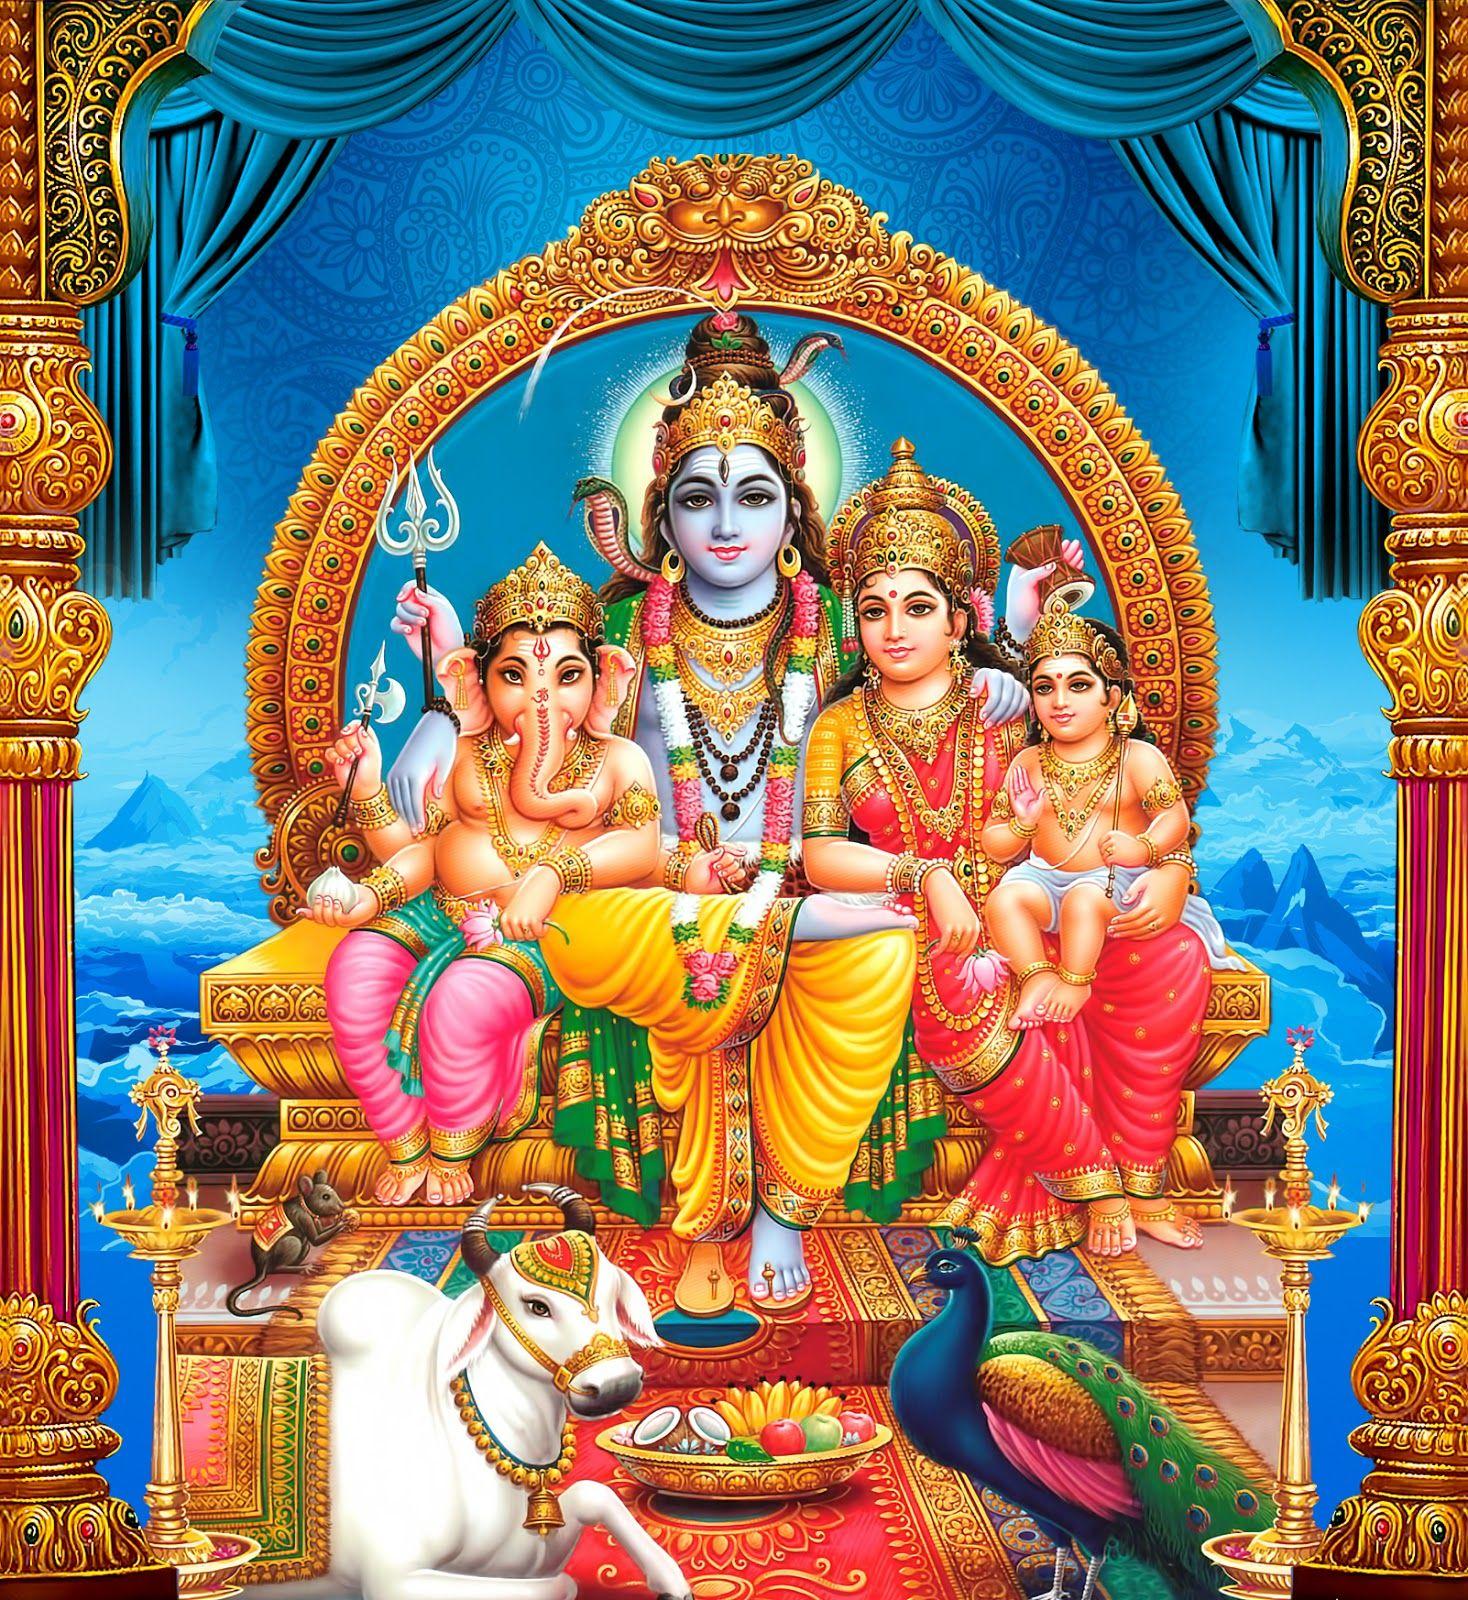 Lord shiva parvathi ganesha kartikeya sitting hd wallpaper ...